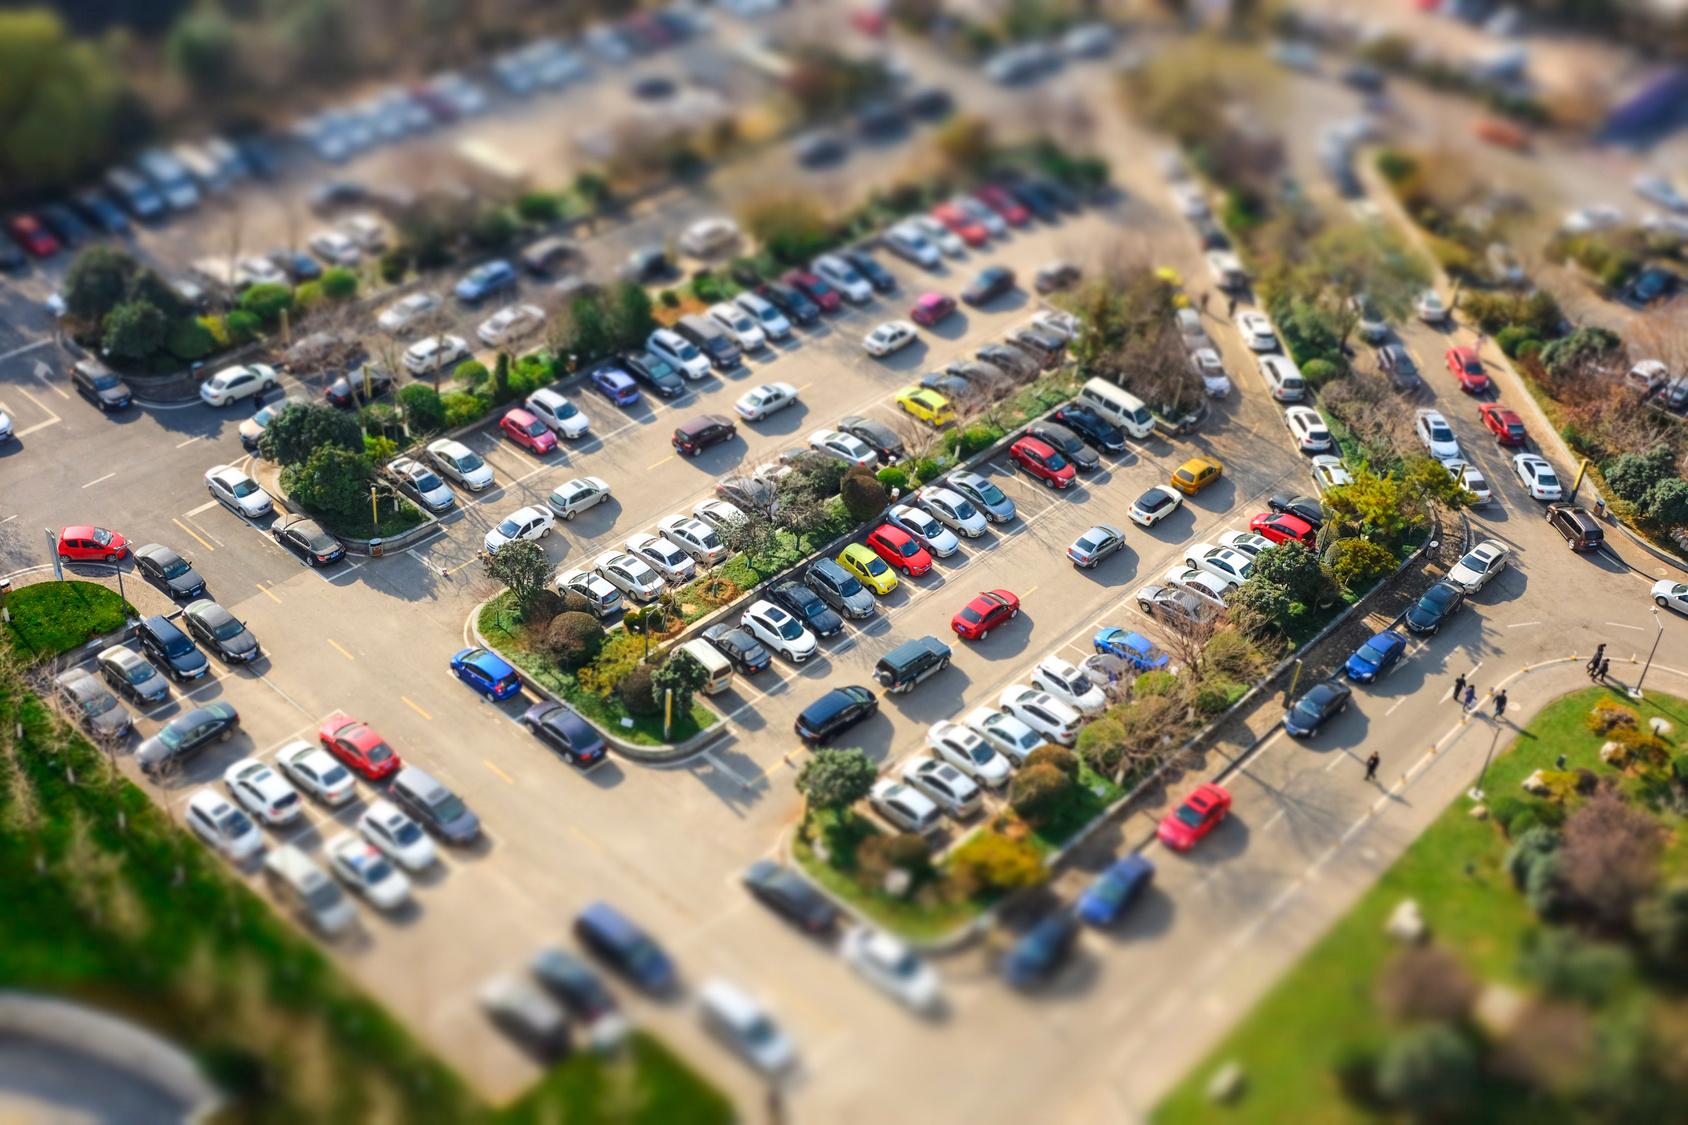 Lotnisko Balice - gdzie zostawić samochód?